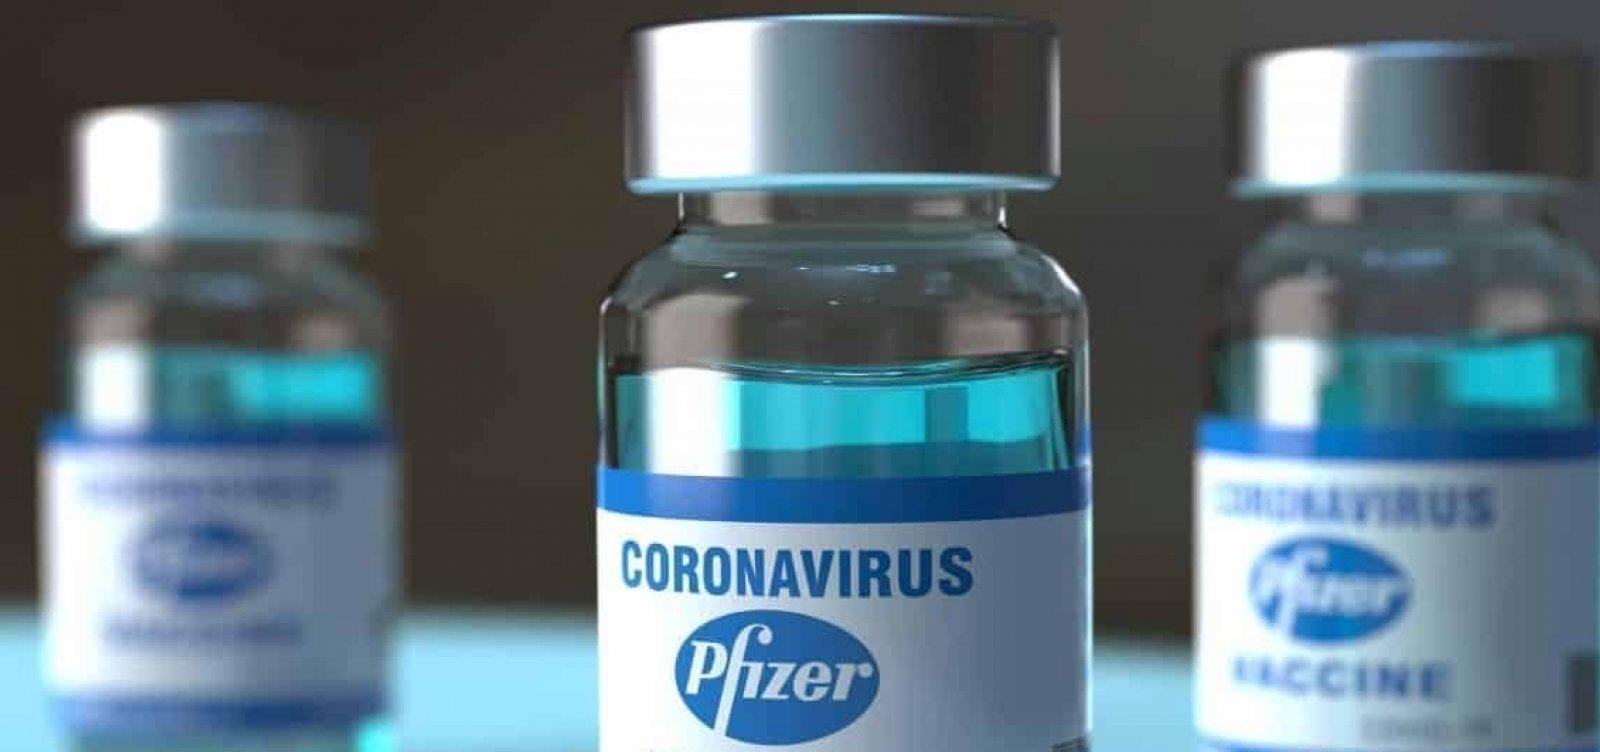 Brasil vai receber 2,4 milhões de doses da vacina da Pfizer nesta semana